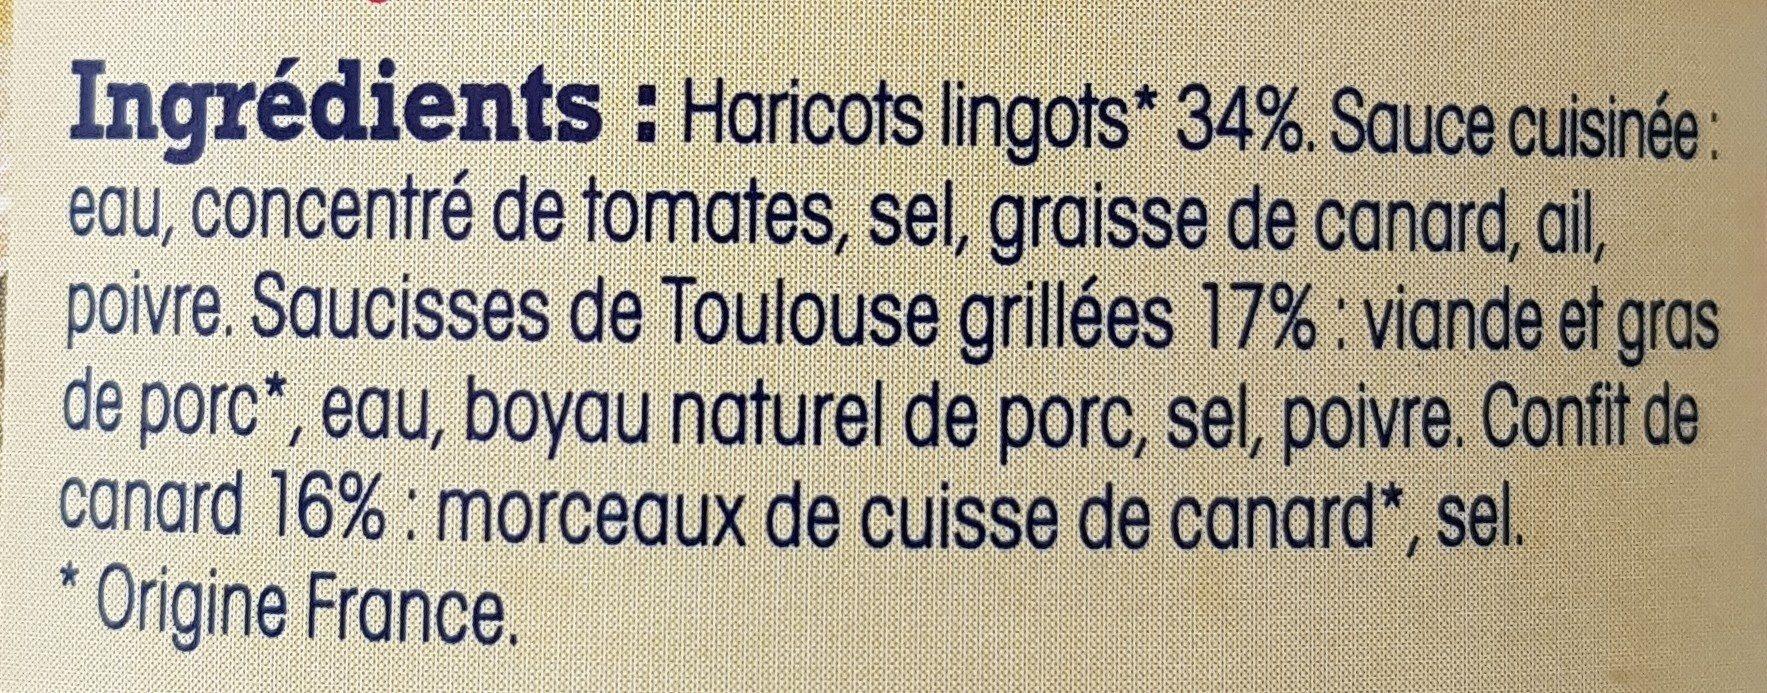 Cassoulet de Castelnaudary au confit de canard - Ingrédients - fr